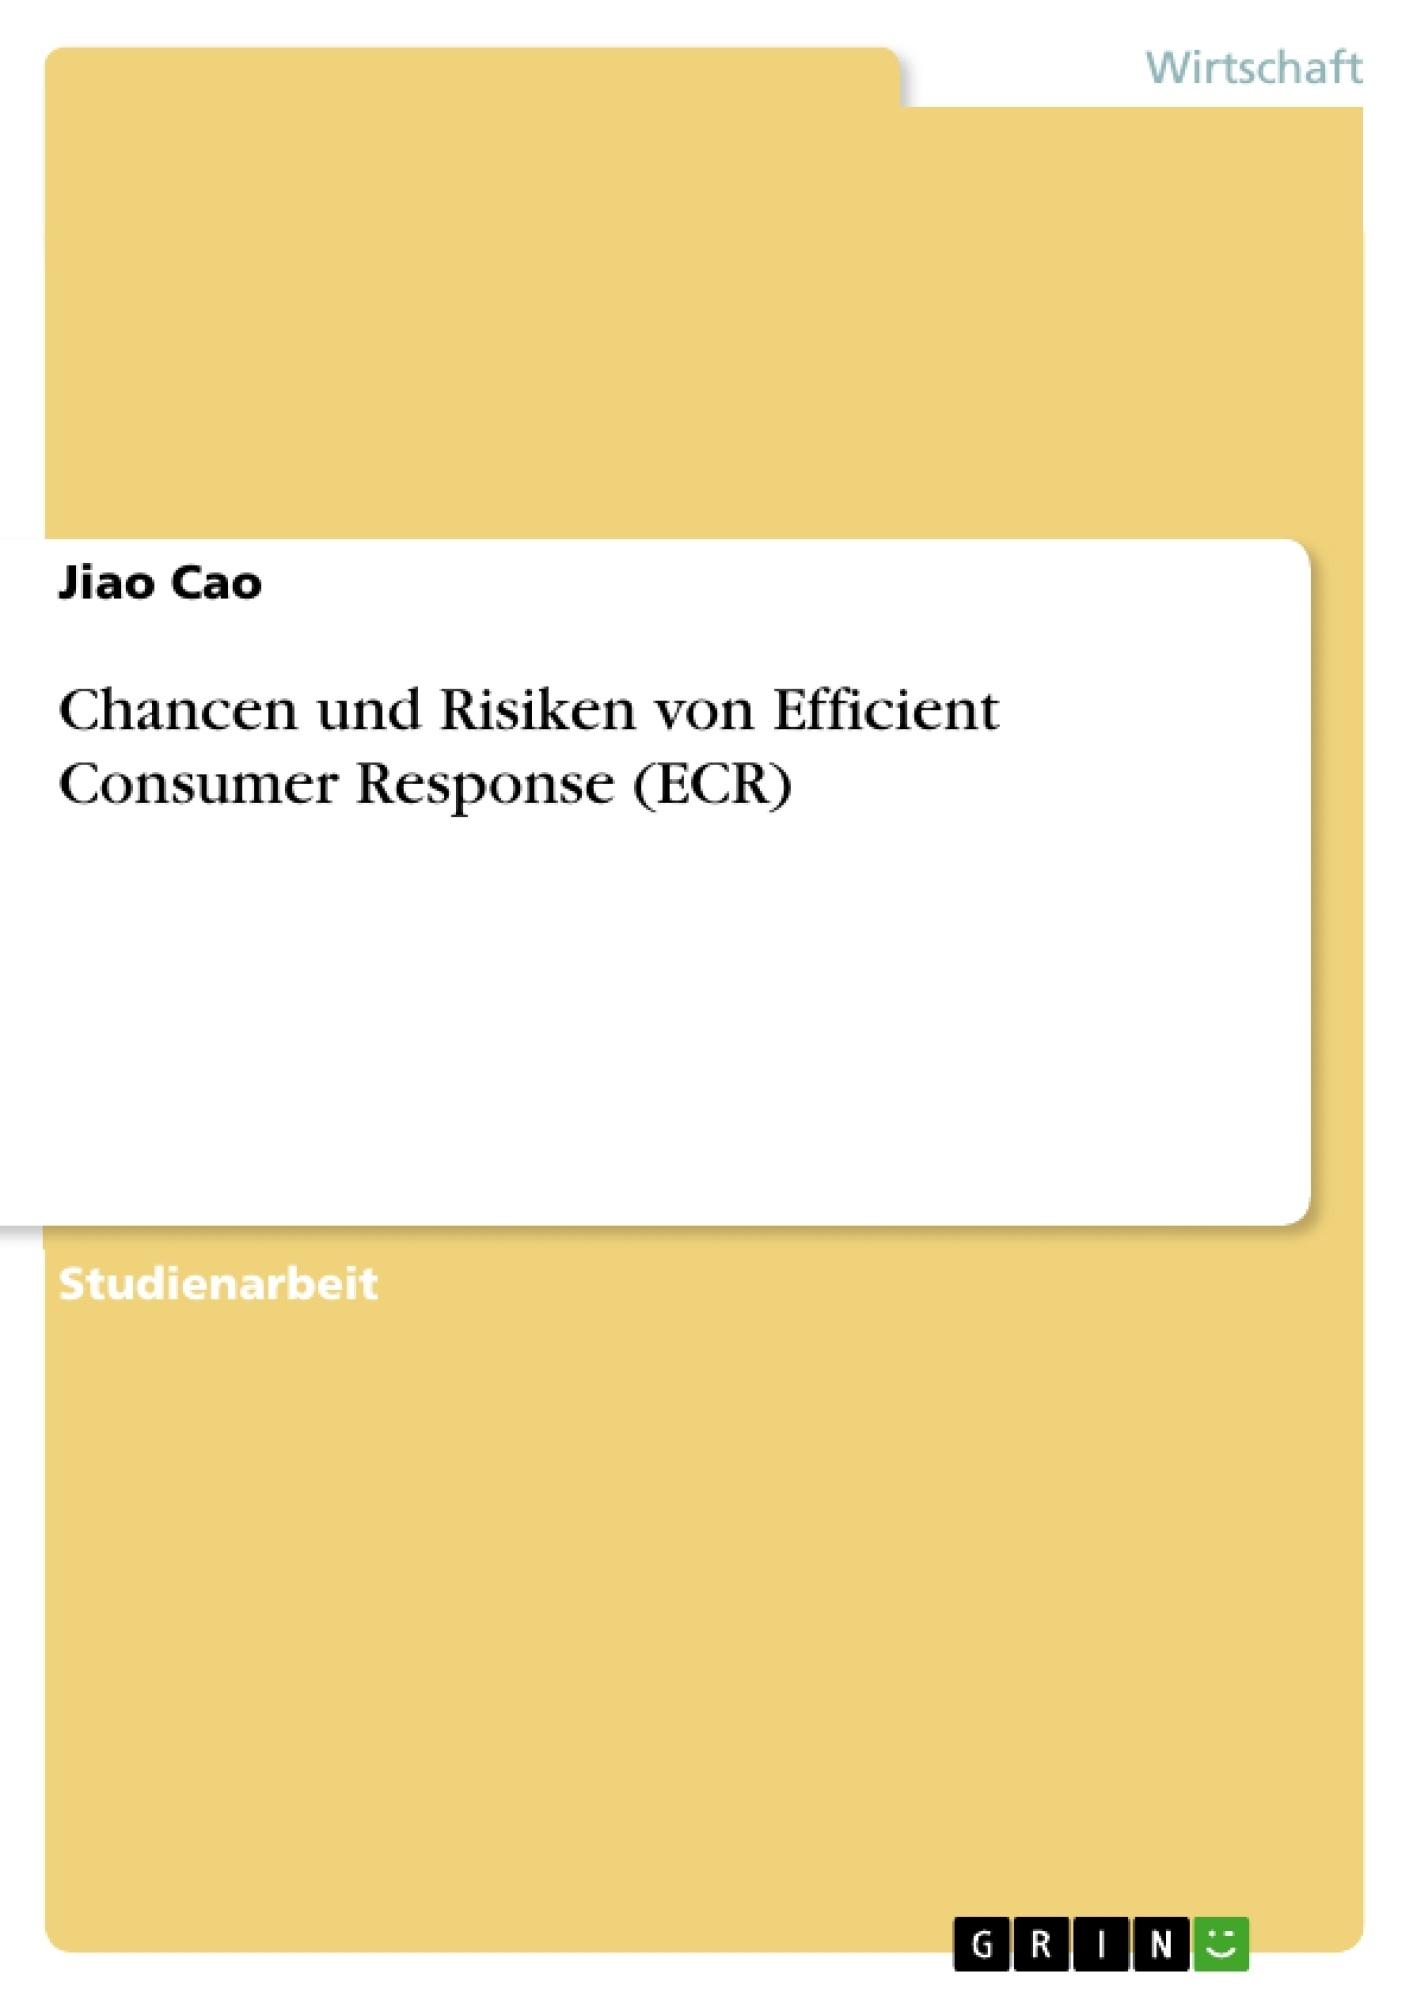 Titel: Chancen und Risiken von Efficient Consumer Response (ECR)